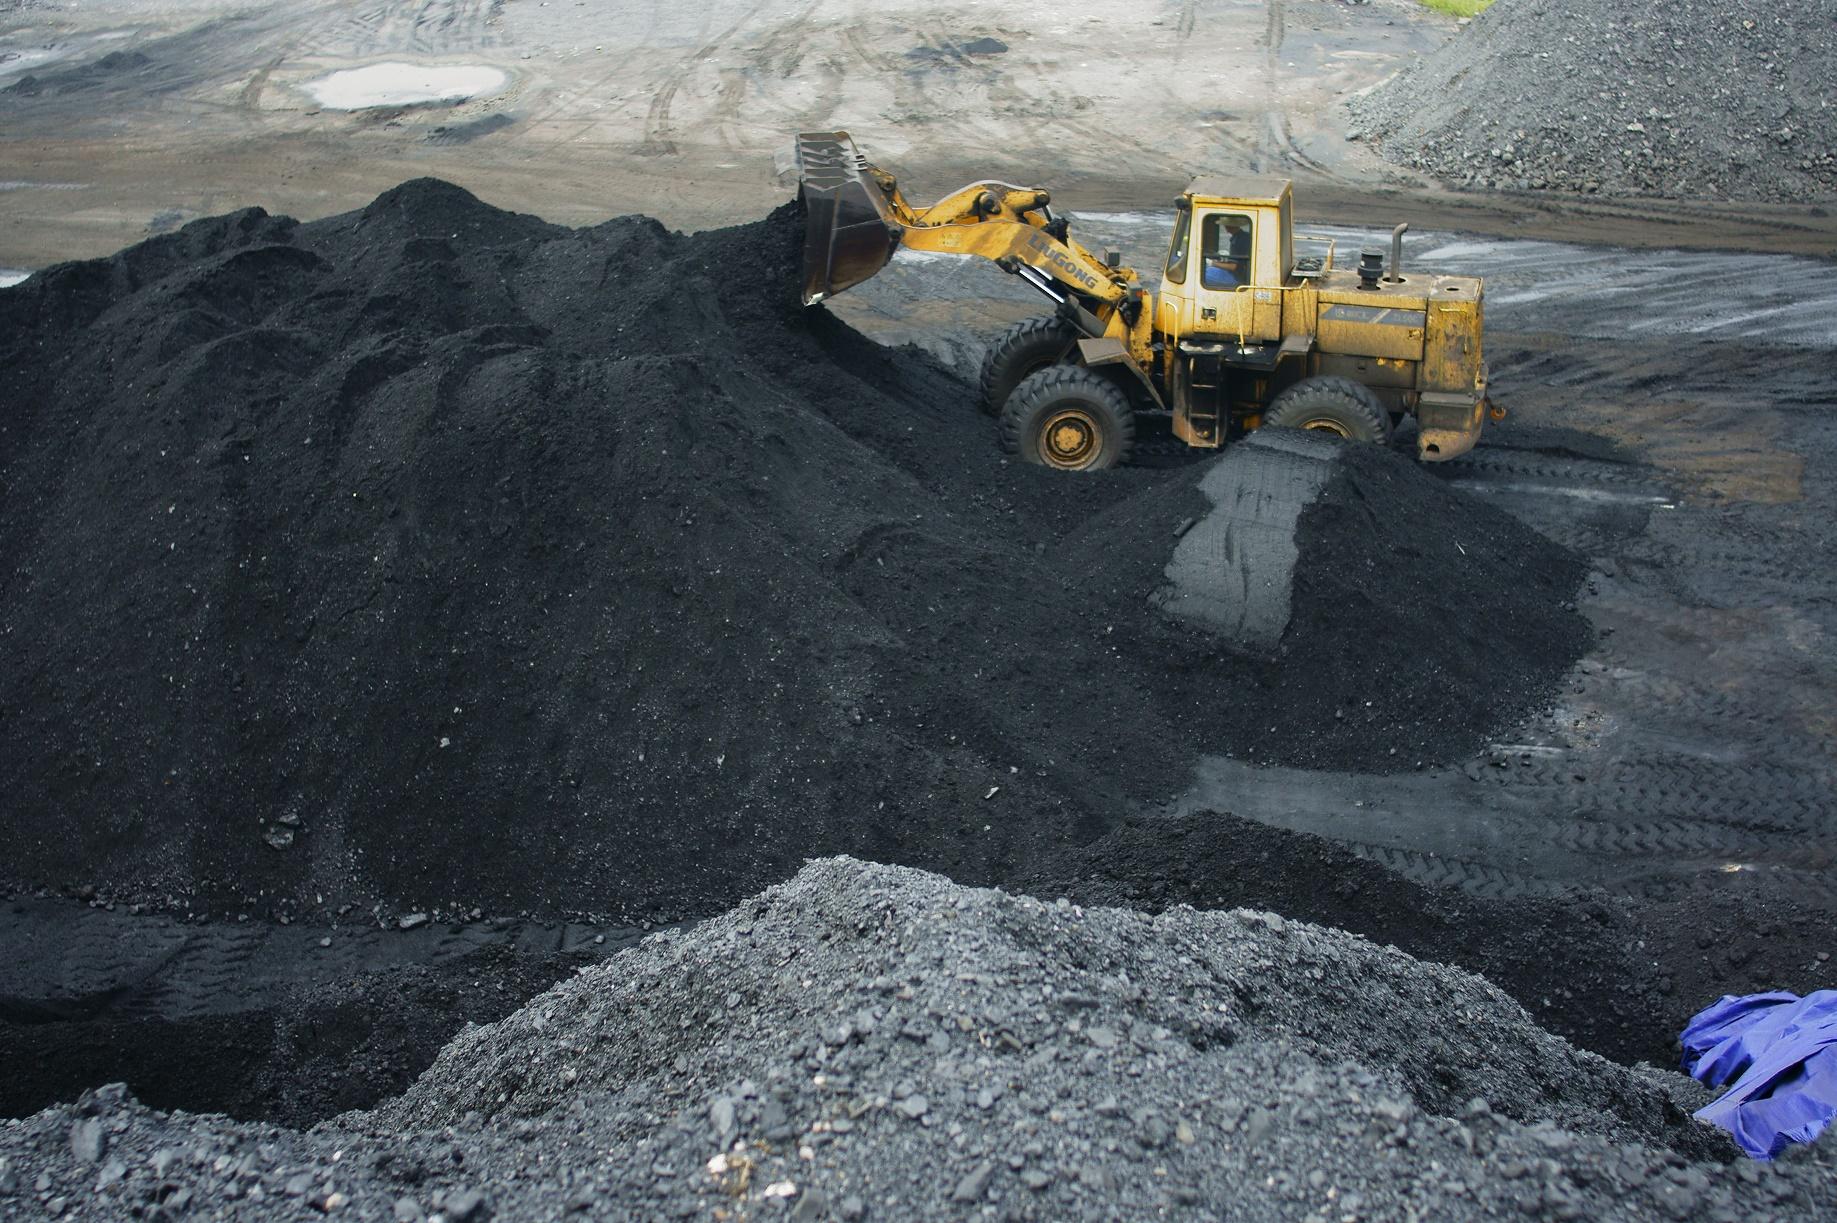 A produção massiva de carvão na China é um dos principais símbolos do impacto do homem sobre o planeta. Foto de Zhou jianping / Imaginechina